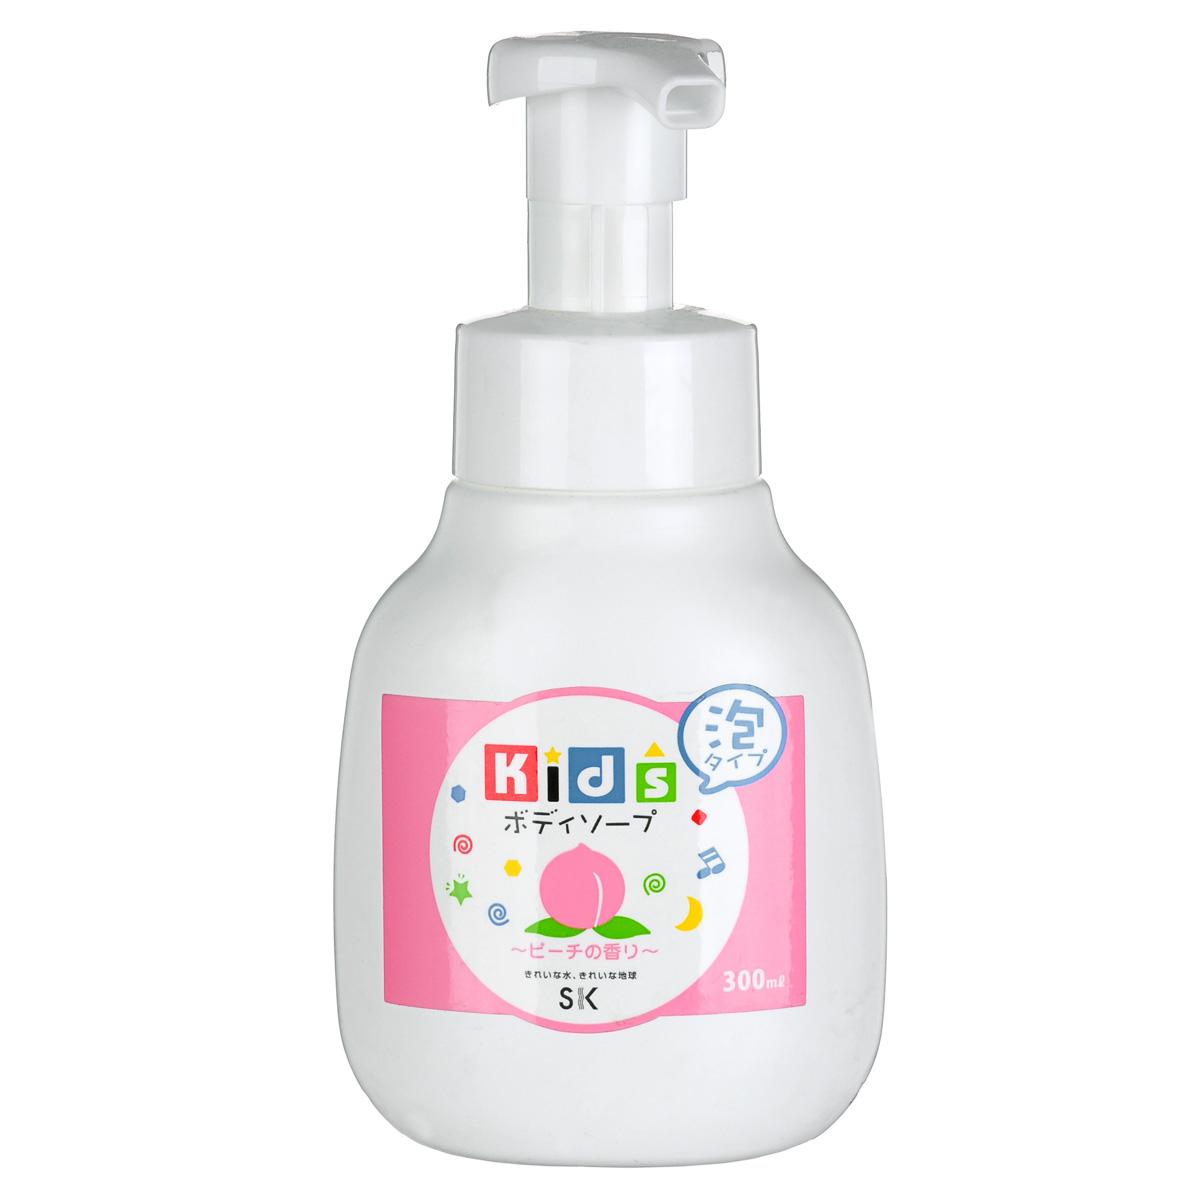 SK Kids Детское пенное мыло для тела с ароматом персика, 300 млOS-81390378Воздушное детское пенное мыло порадует вашего малыша сочным ароматом персика и мыльными пузырьками! Оно очистит детскую кожу и обеспечит полноценный уход за ней. Абсолютно безопасно. Экстракт персика, в составе пенки, увлажнит и окажет противовоспалительное действие на нежную кожу. Не содержит ПАВ, искусственных красителей, ароматизаторов, антиоксидантов, поэтому мыло необходимо хранить в местах, защищенных от прямых солнечных лучей, высокой температуры и влажности. Проверено дерматологами.